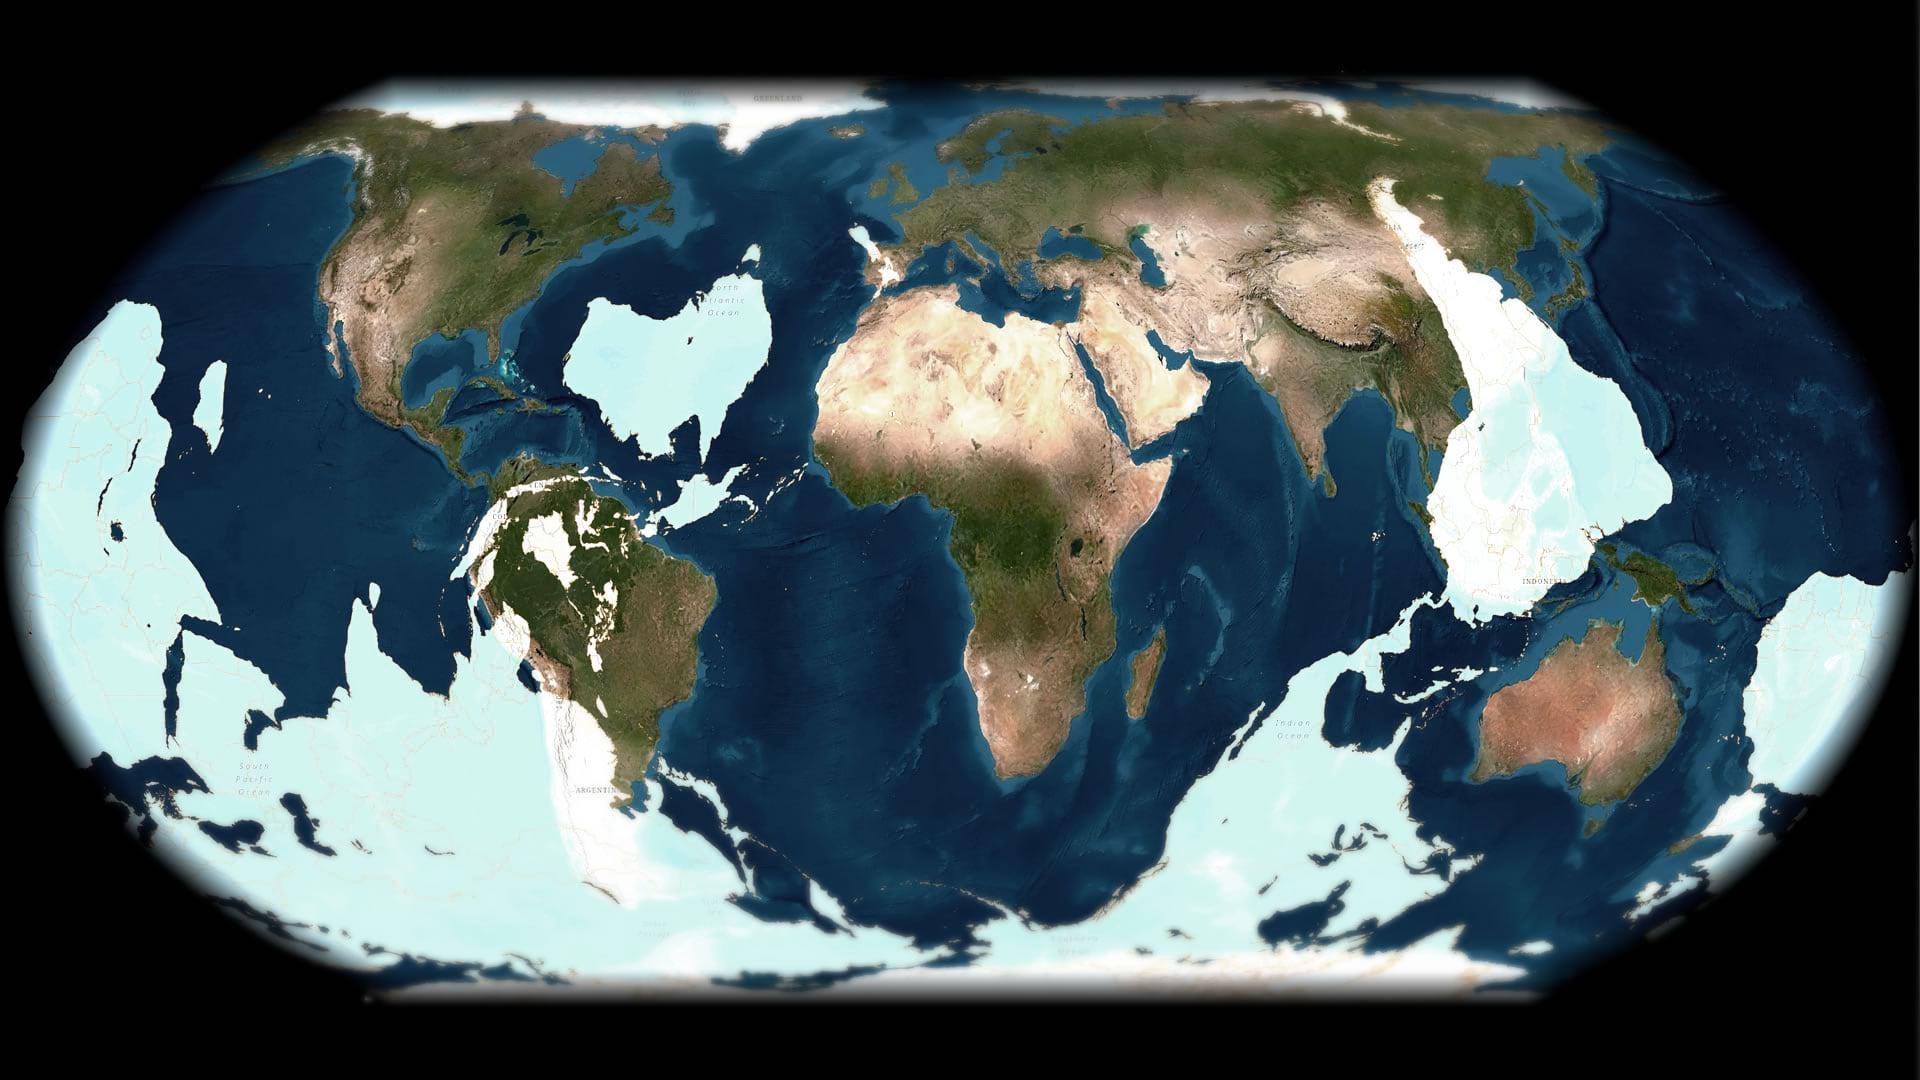 An antipode world map.